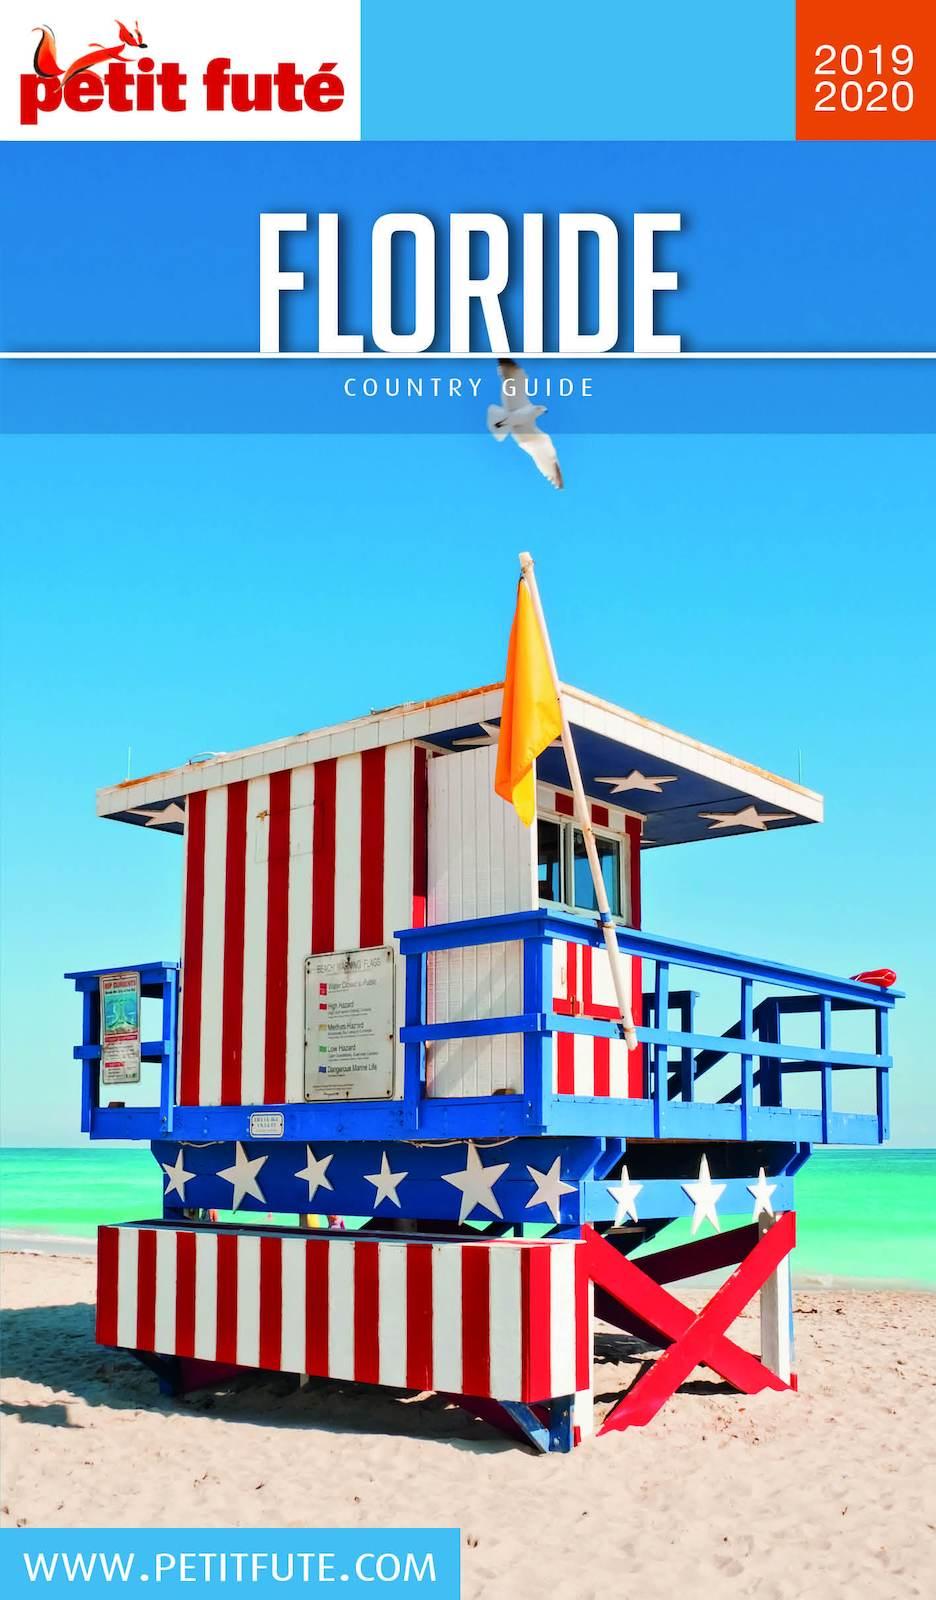 FLORIDE 2019/2020 Petit Futé